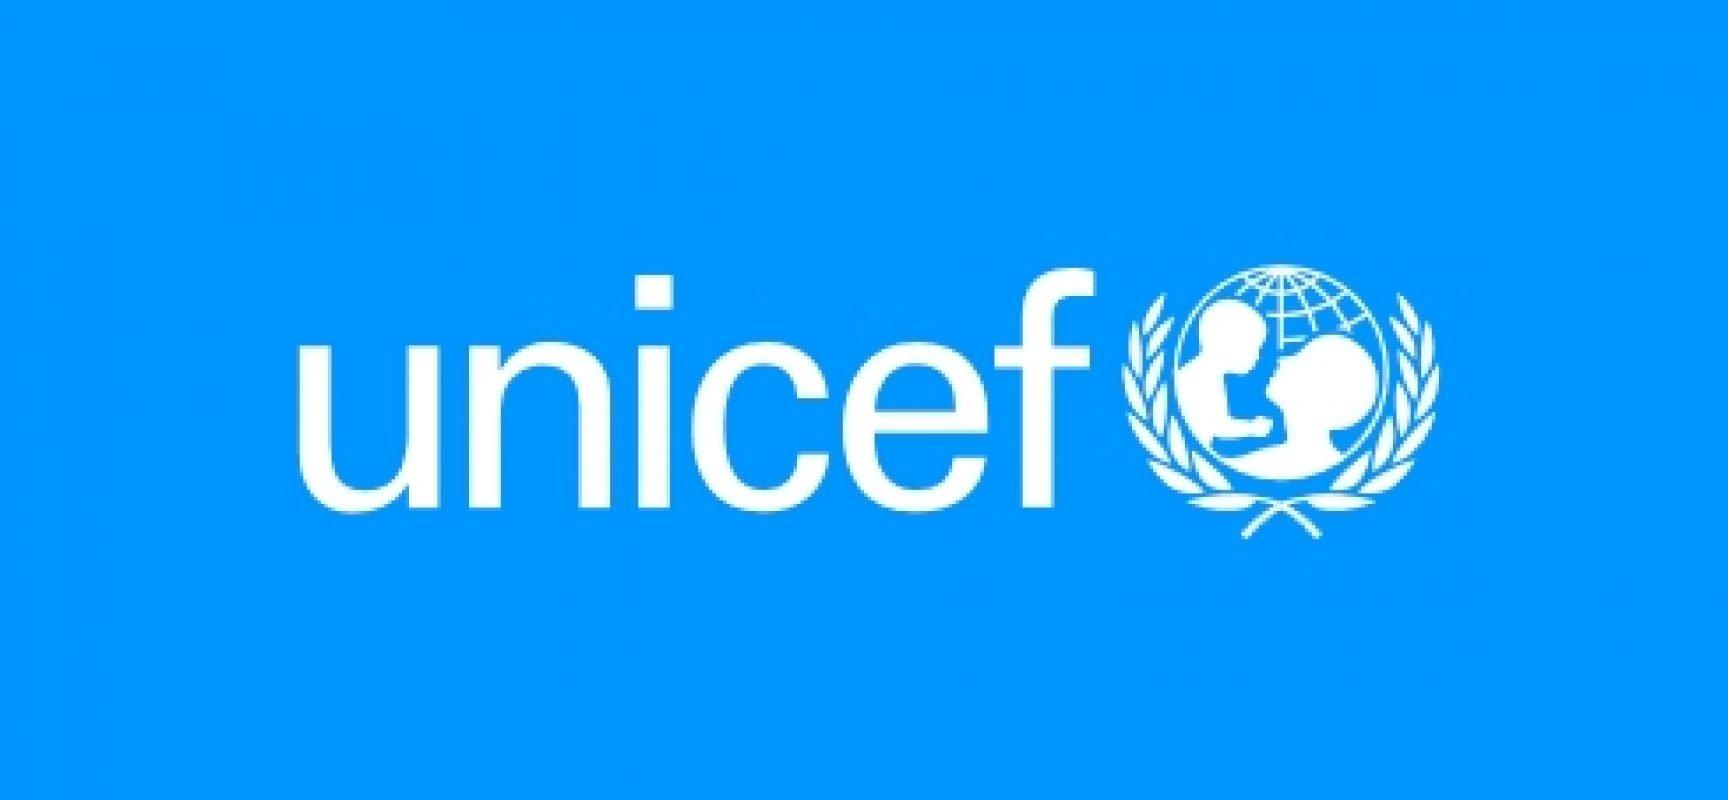 Dezinformacja i zbieranie danych wśród największych zagrożeń dla dzieci wg UNICEF